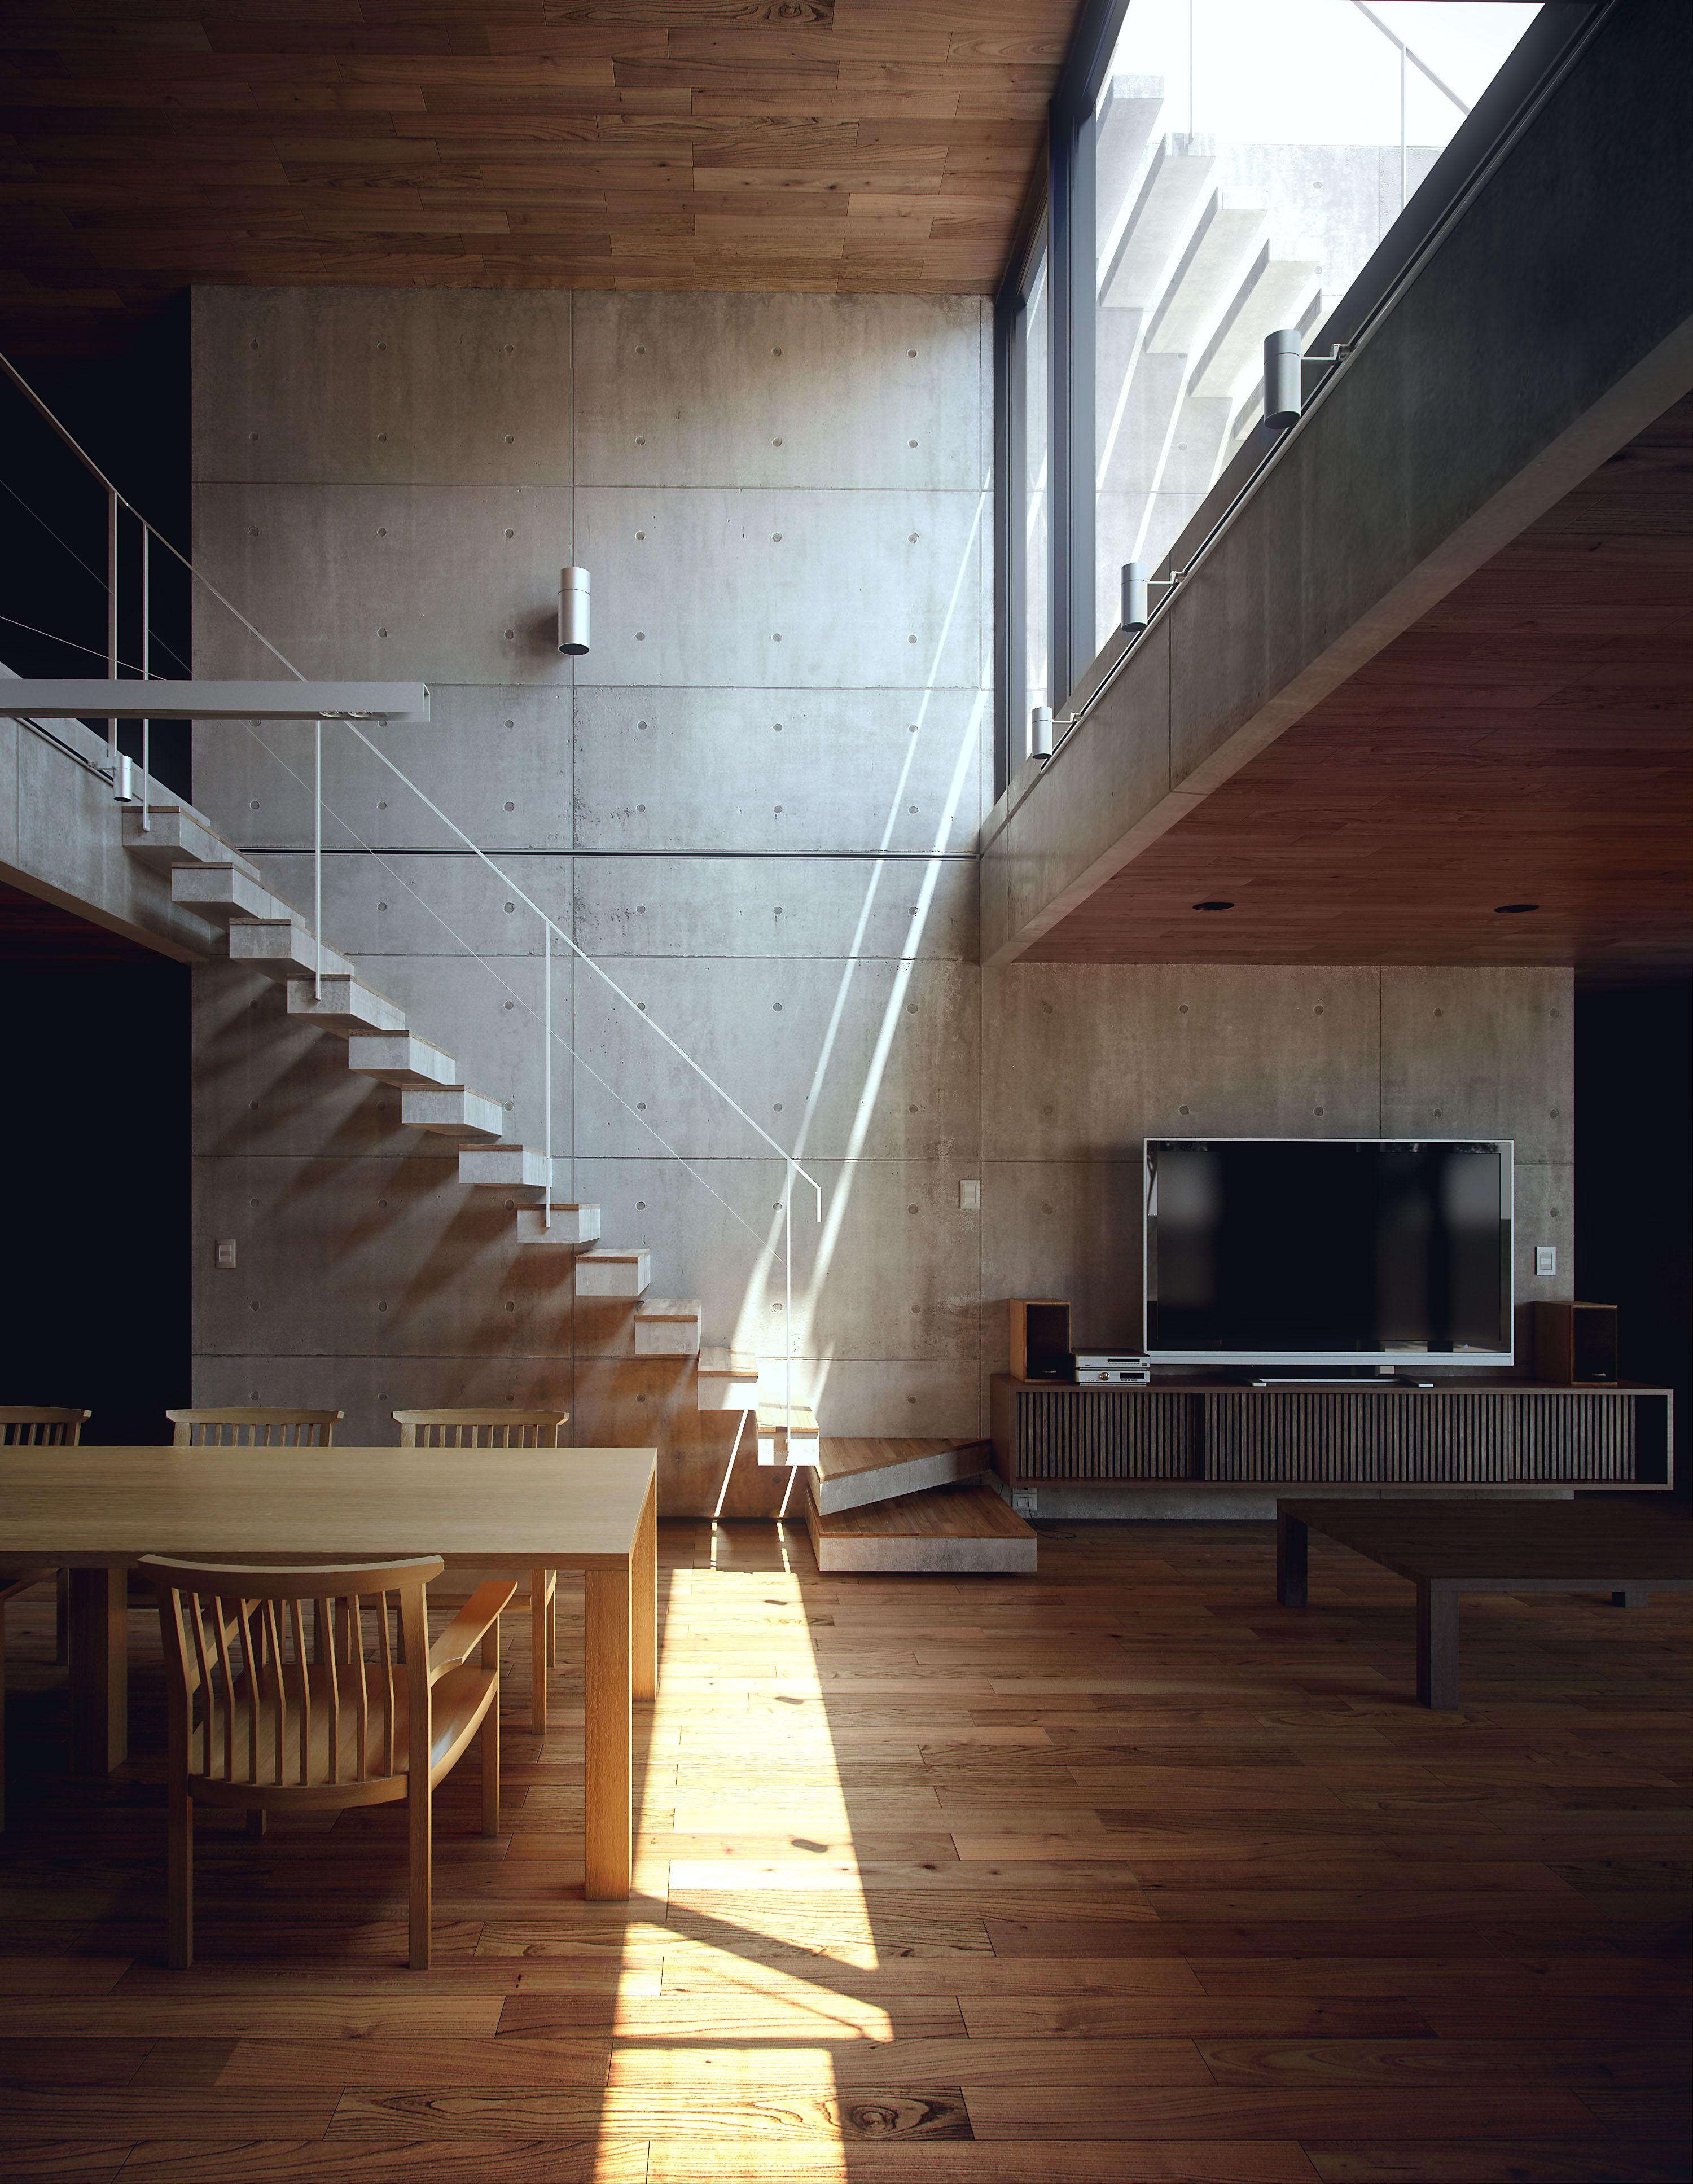 Immagine inserita architettura casa progetti for Progetti architettura interni